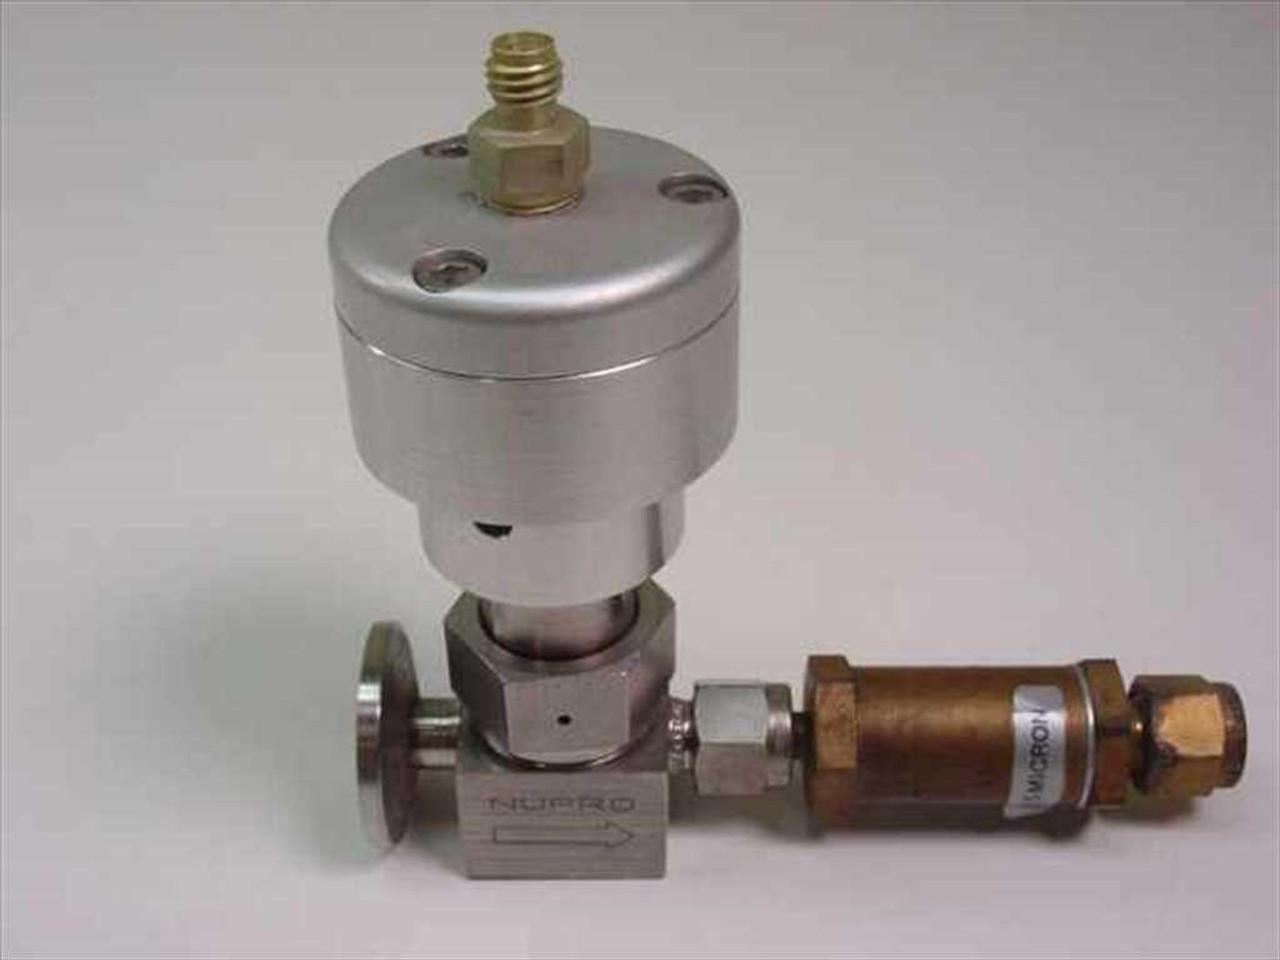 Swagelok ss bk stainless bellows valve in tube